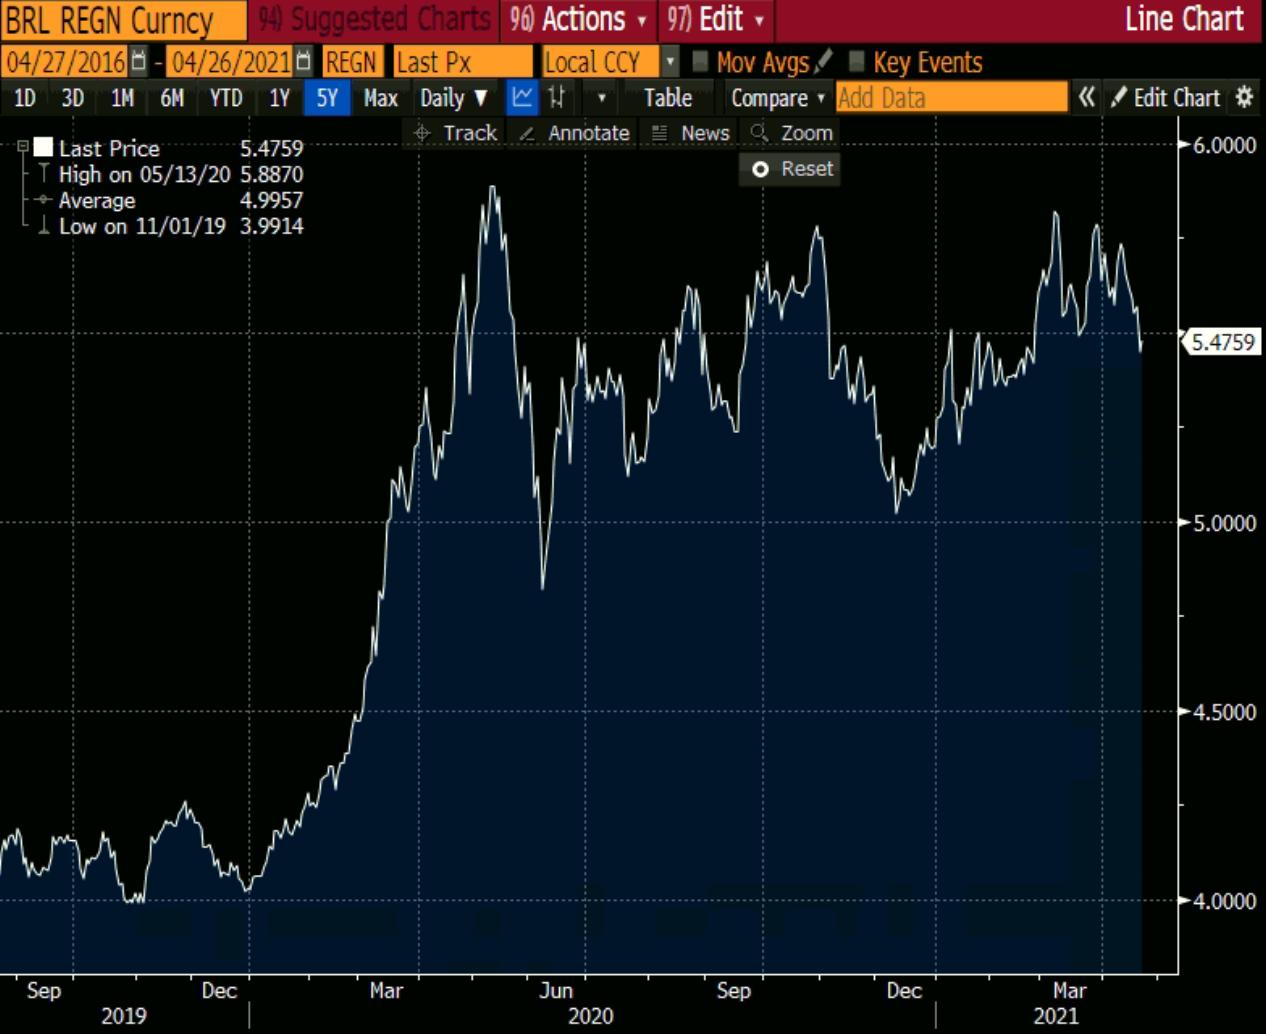 Gráfico apresenta desempenho do dólar desde set/2019 até março/2021.